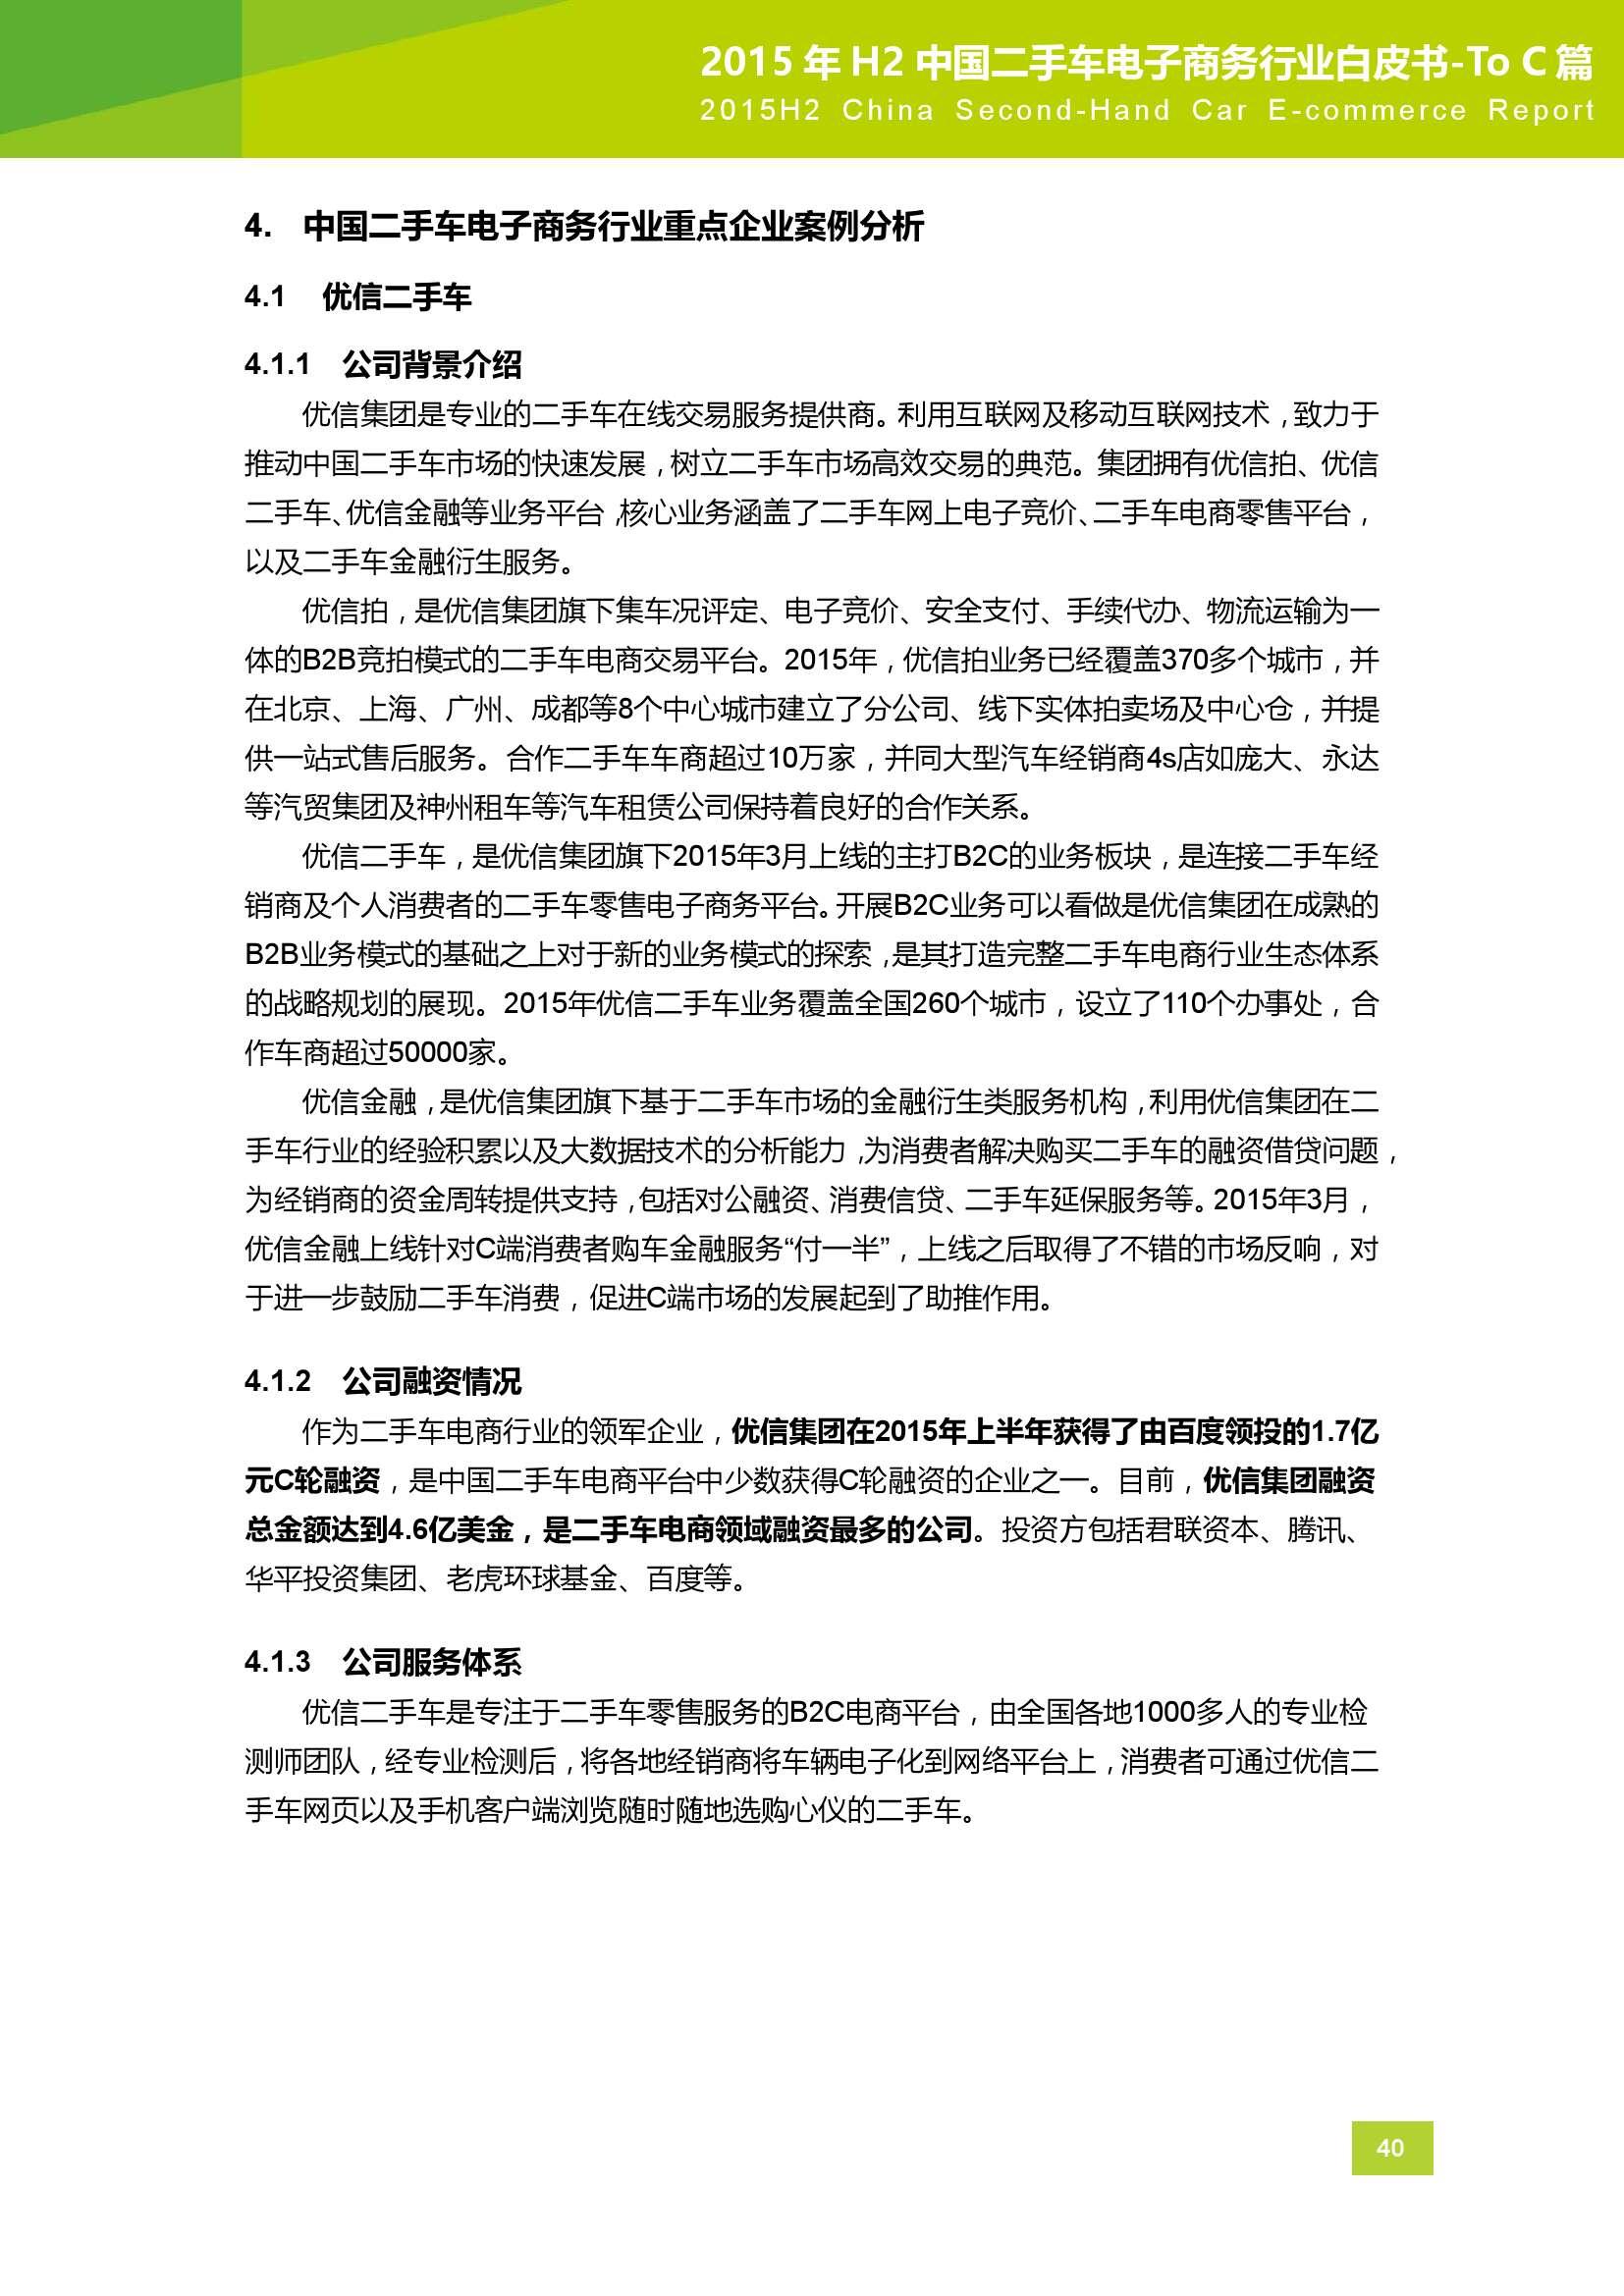 2015年H2中国二手车电子商务行业白皮书_000040